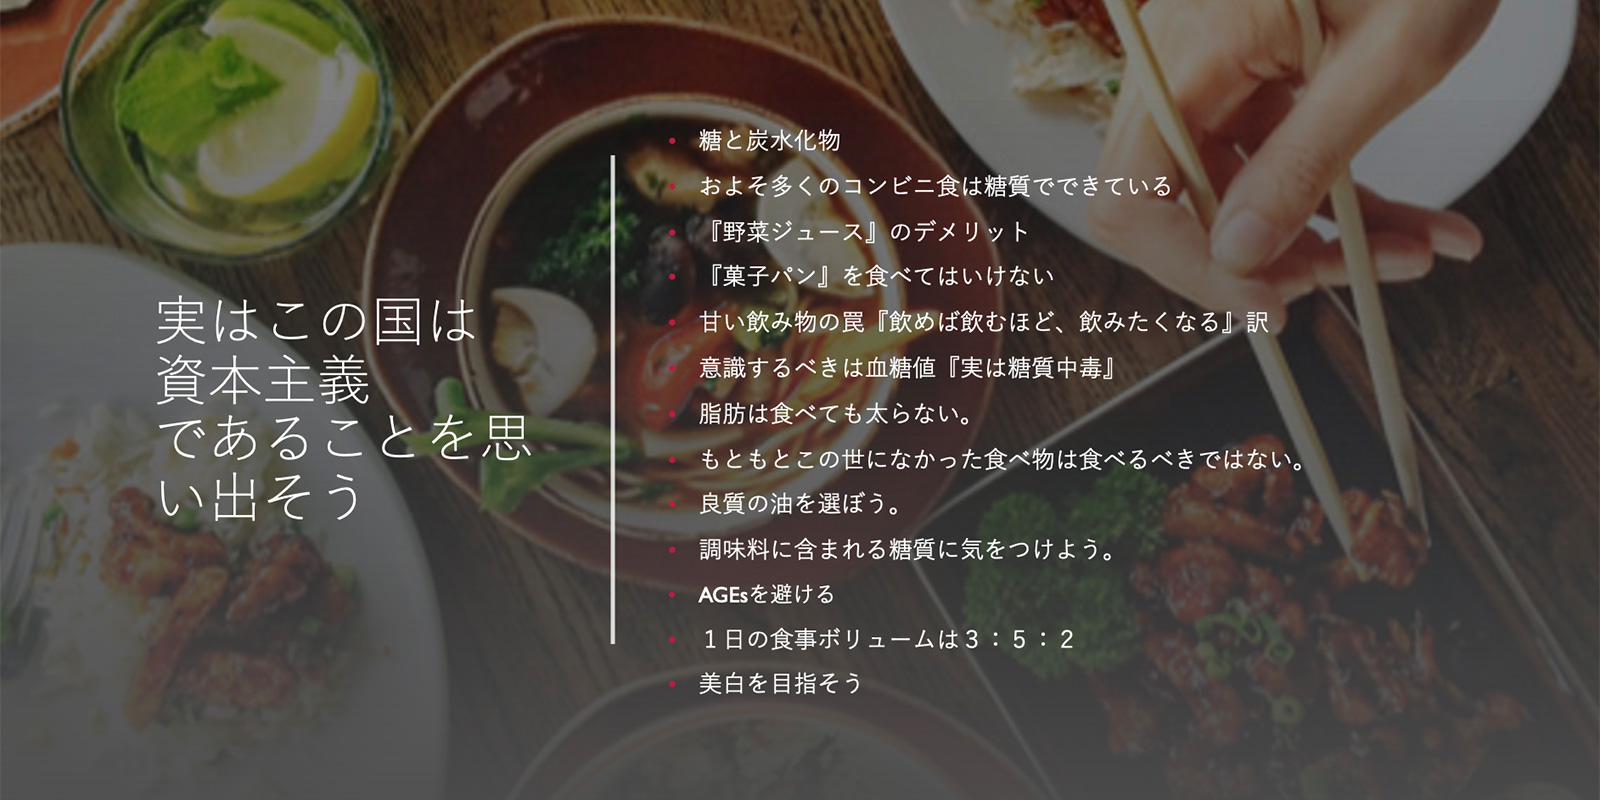 食事管理について 流れ-2